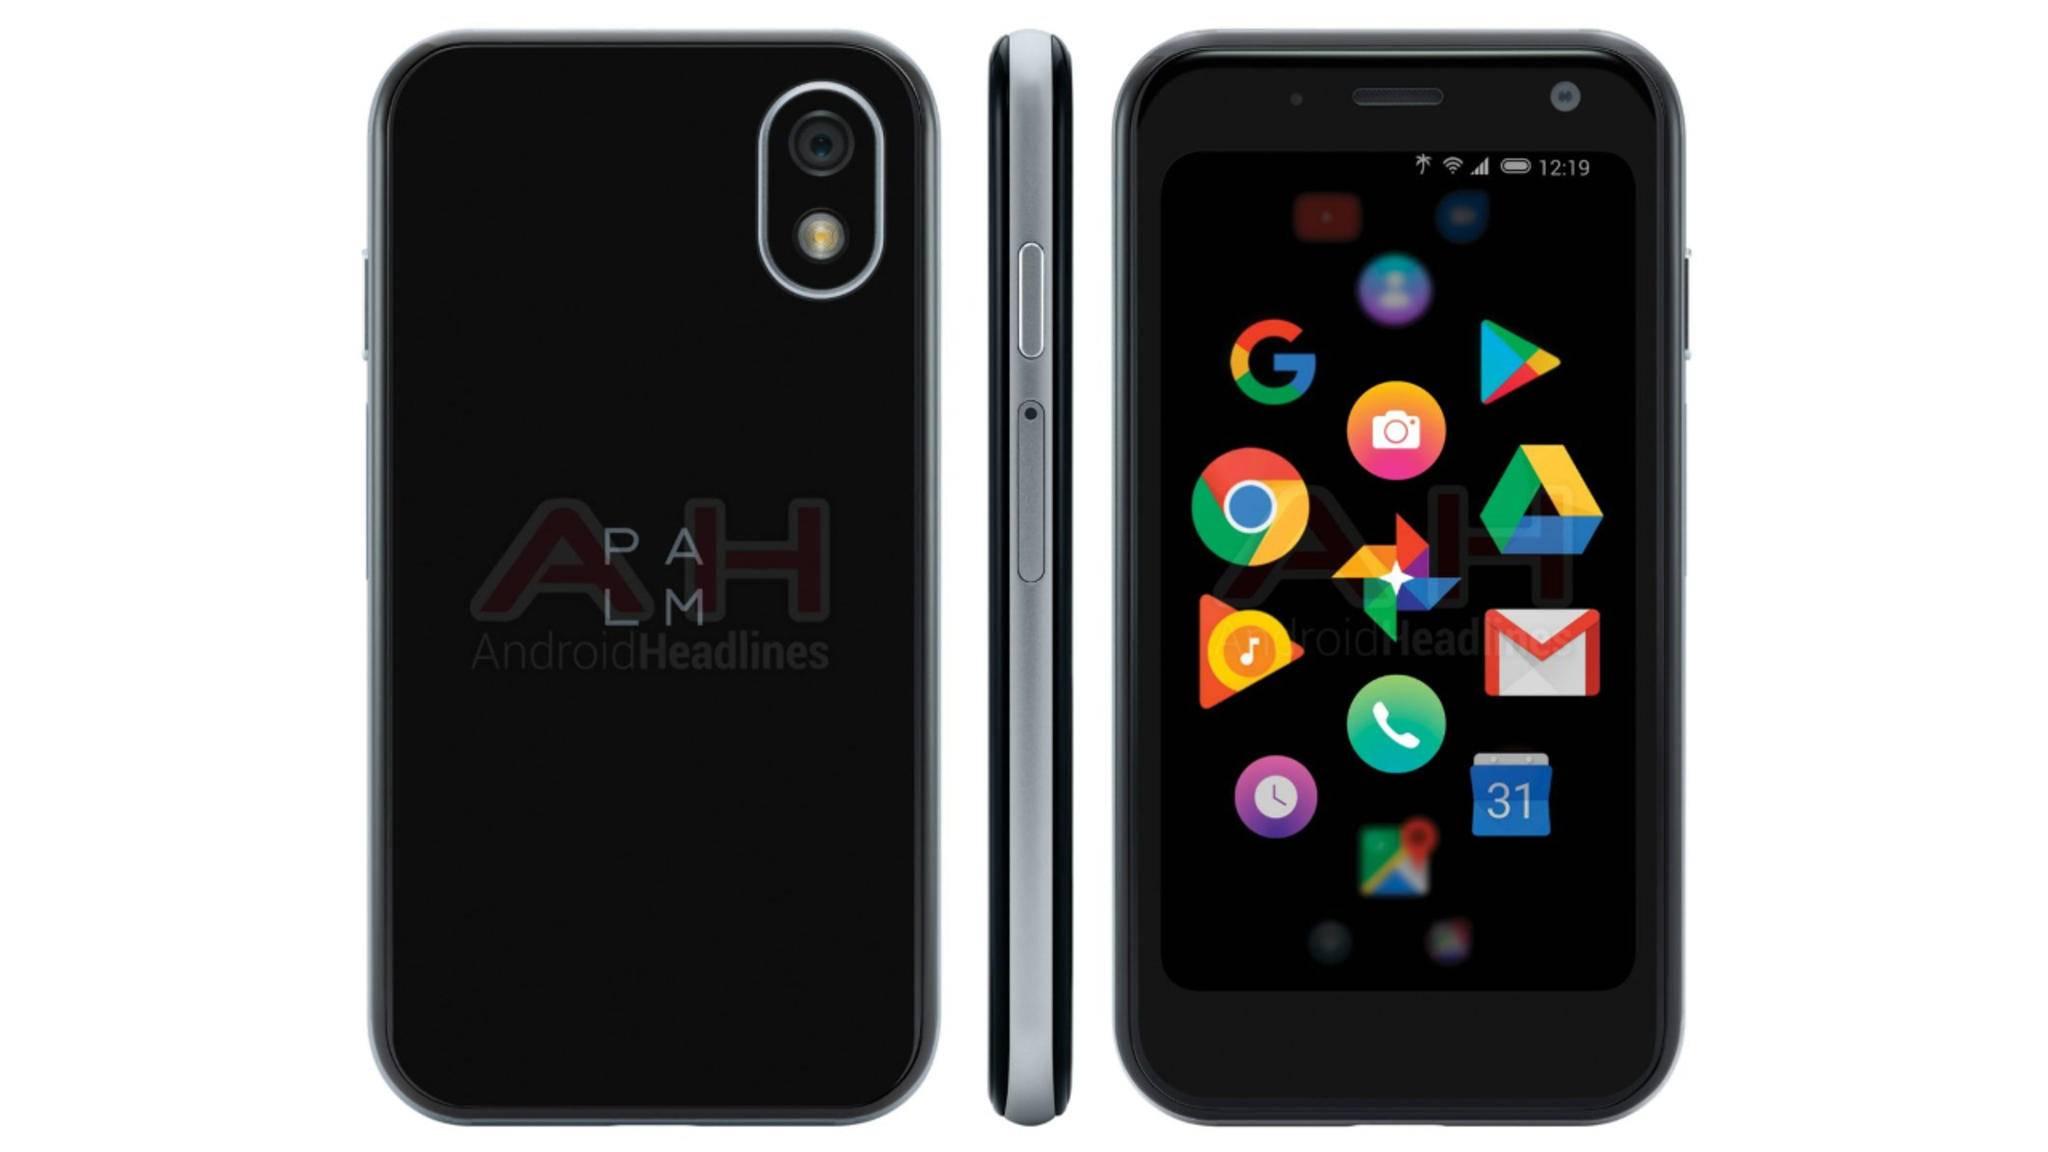 DasPalm PVG100 dürfte das kleinste Android-Handy der Welt werden.